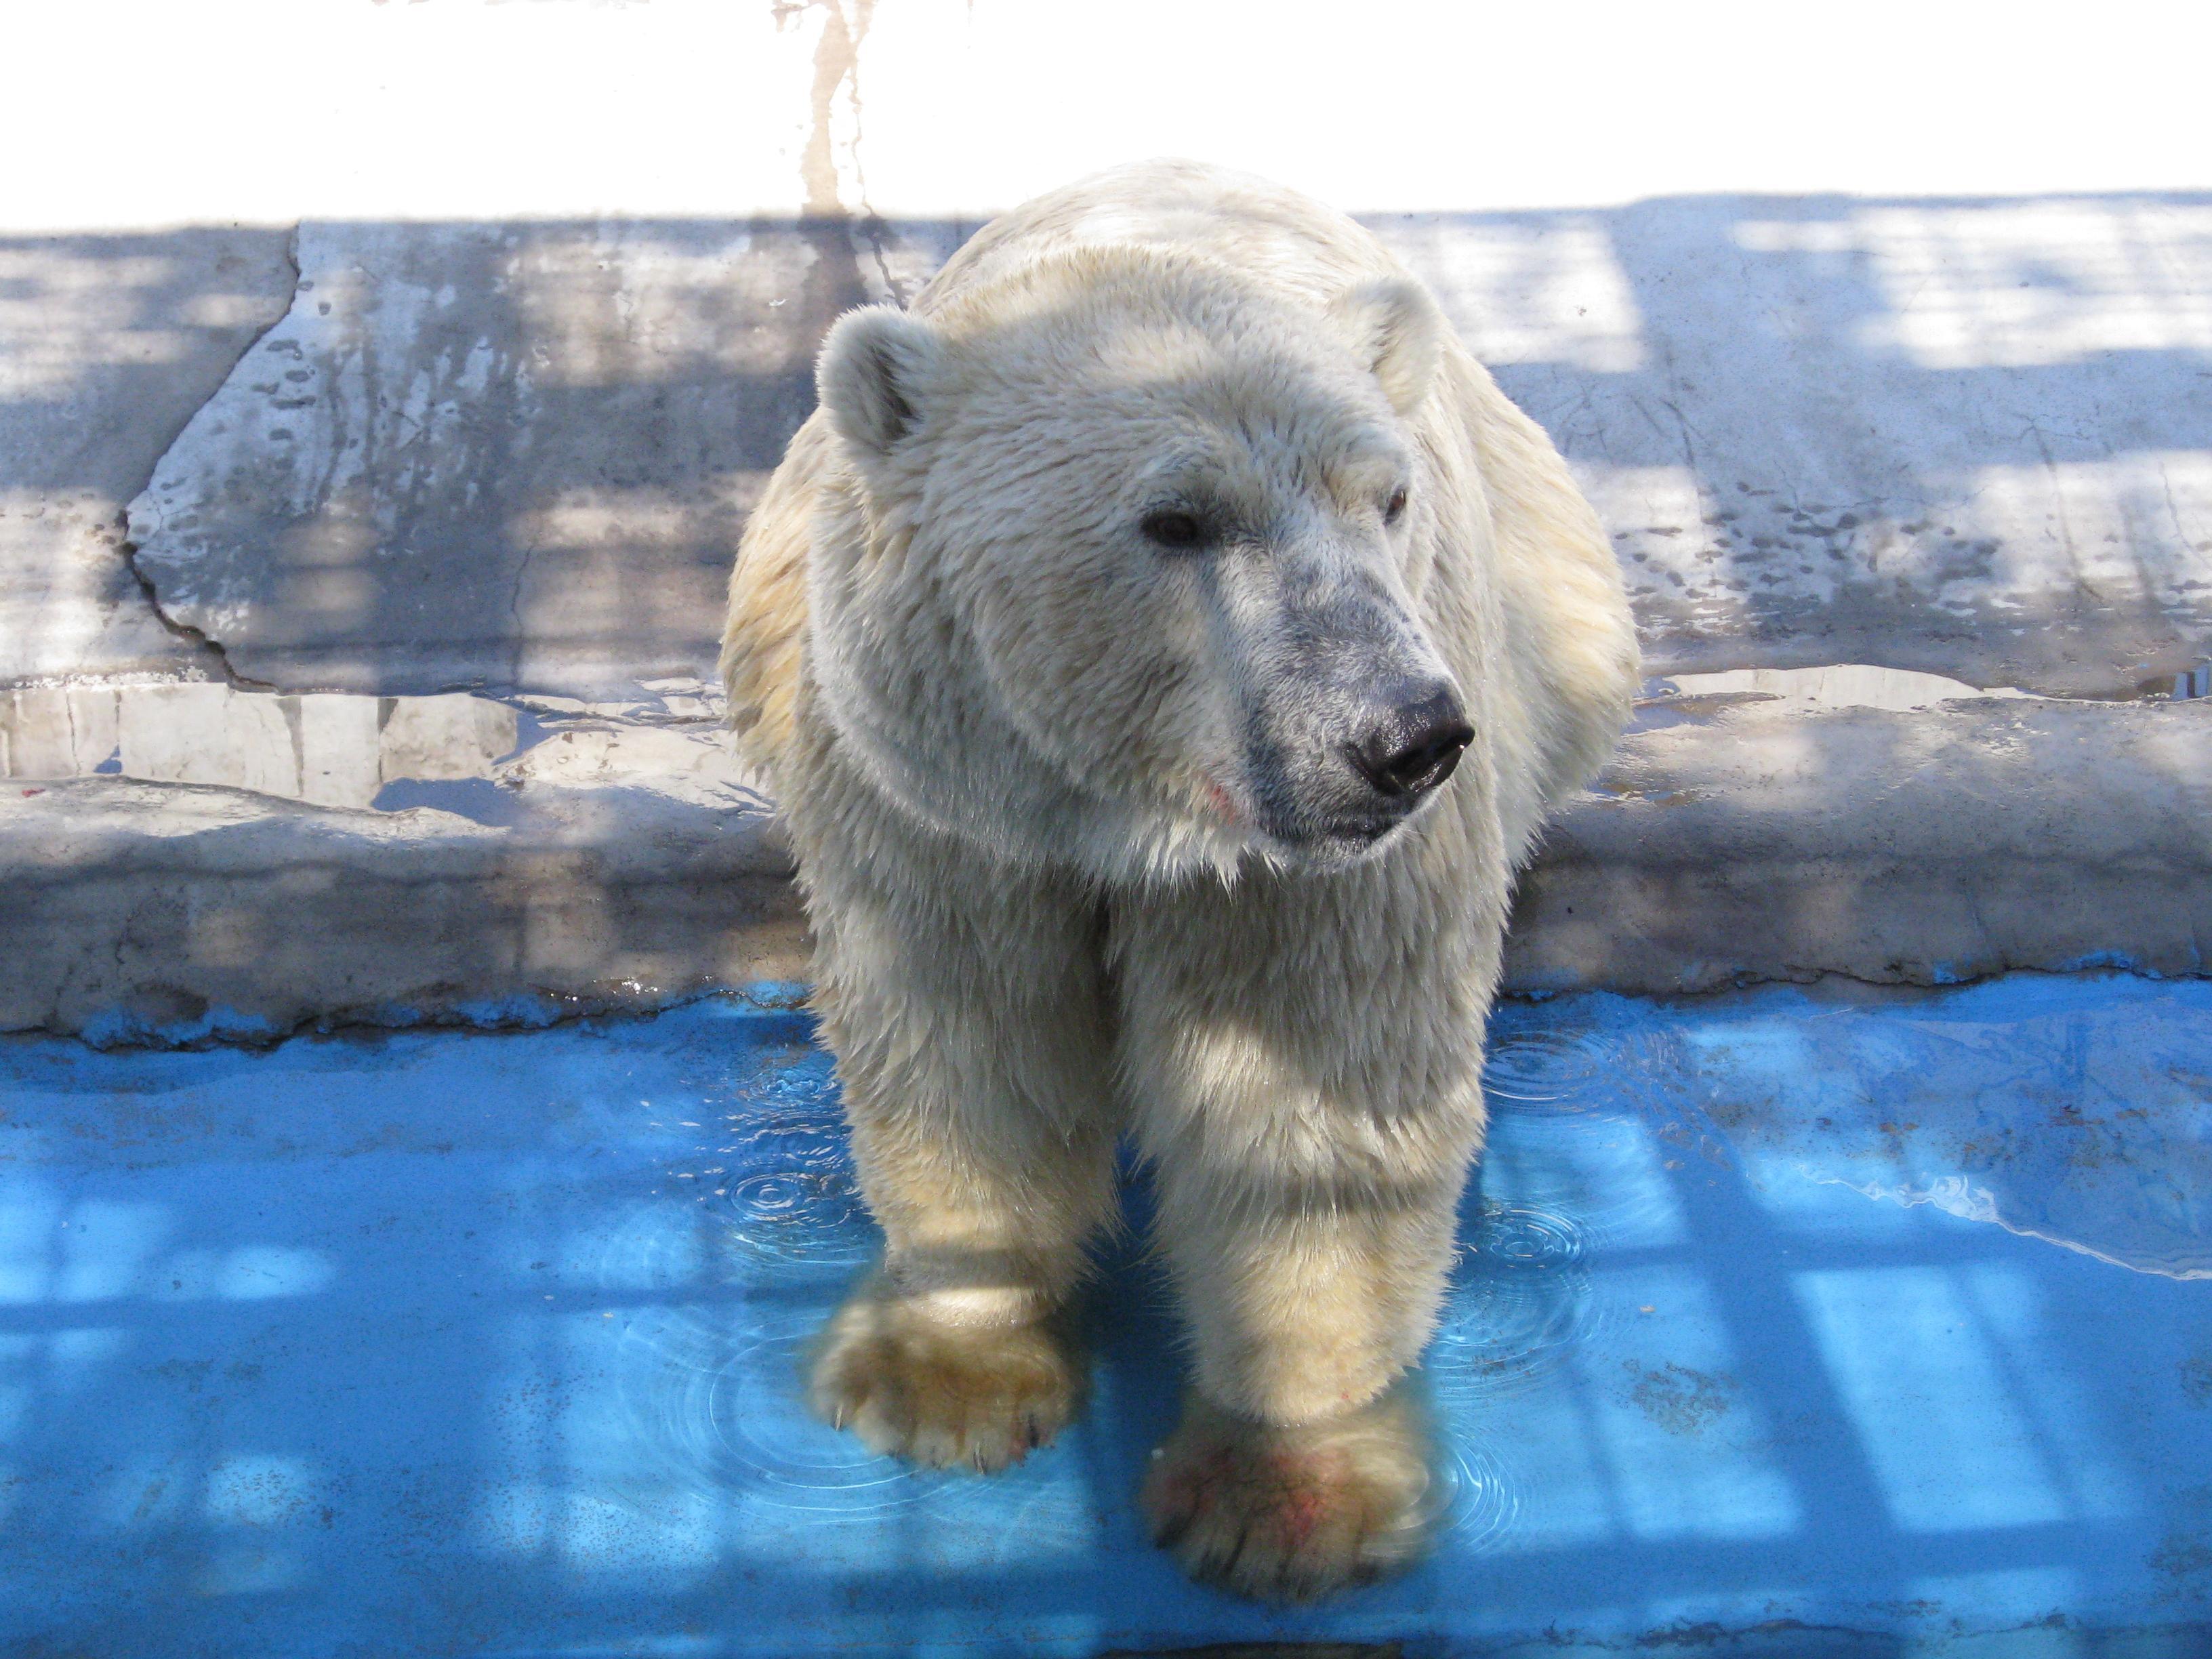 【沈阳棋盘山森林野生动物园游览图片之北极熊抓鱼篇